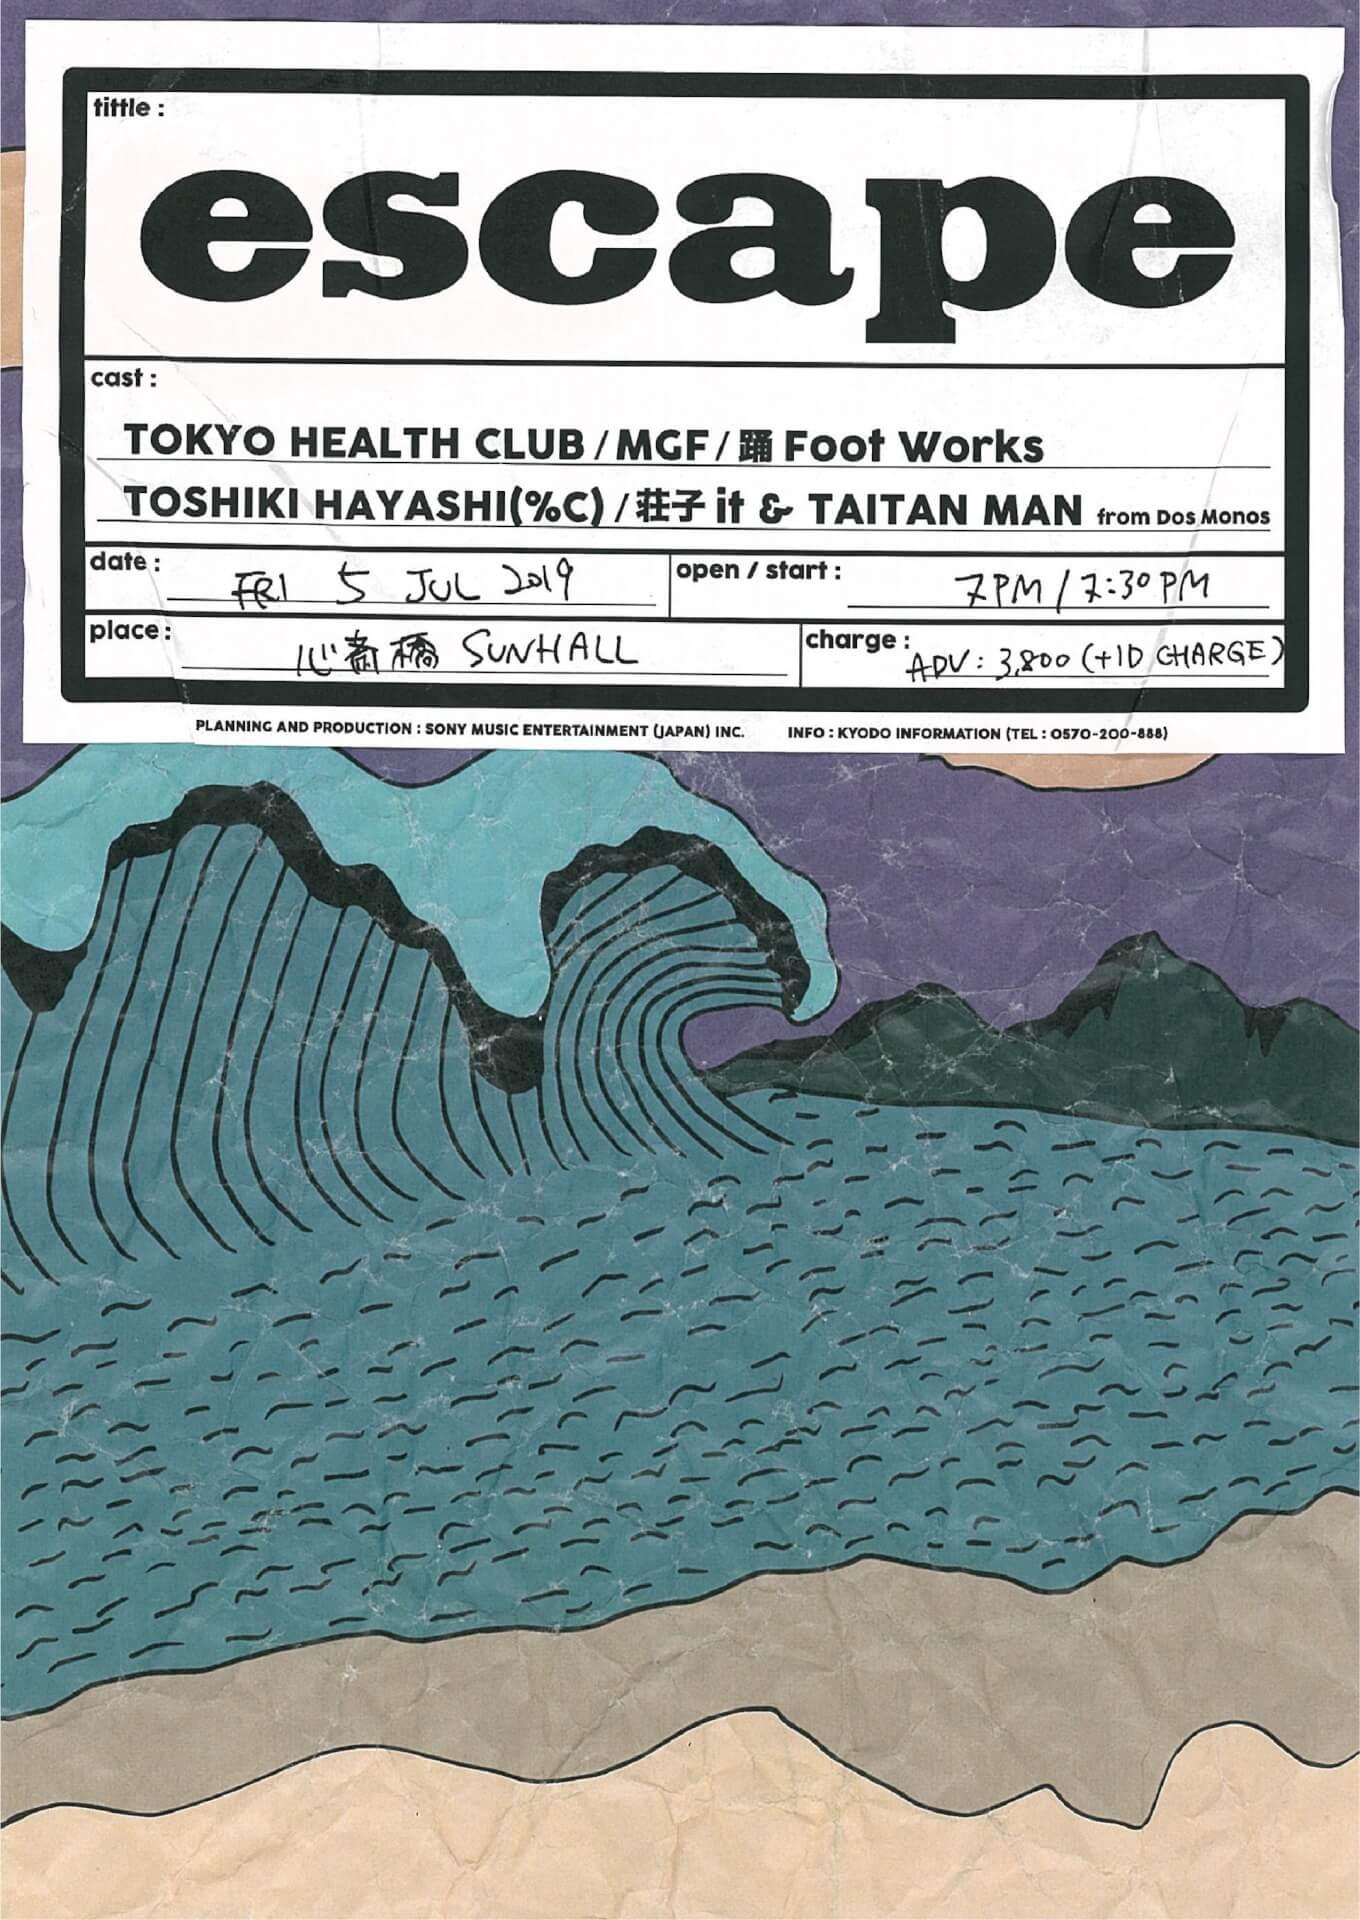 今年1月に満員御礼となったラップイベント『escape』が大阪初上陸|TOKYO HEALTH CLUB、MGF、TOSHIKI HAYASHI(%C)、荘子it & TITAN MAN from Dos Monosが登場 music190627-escape-2